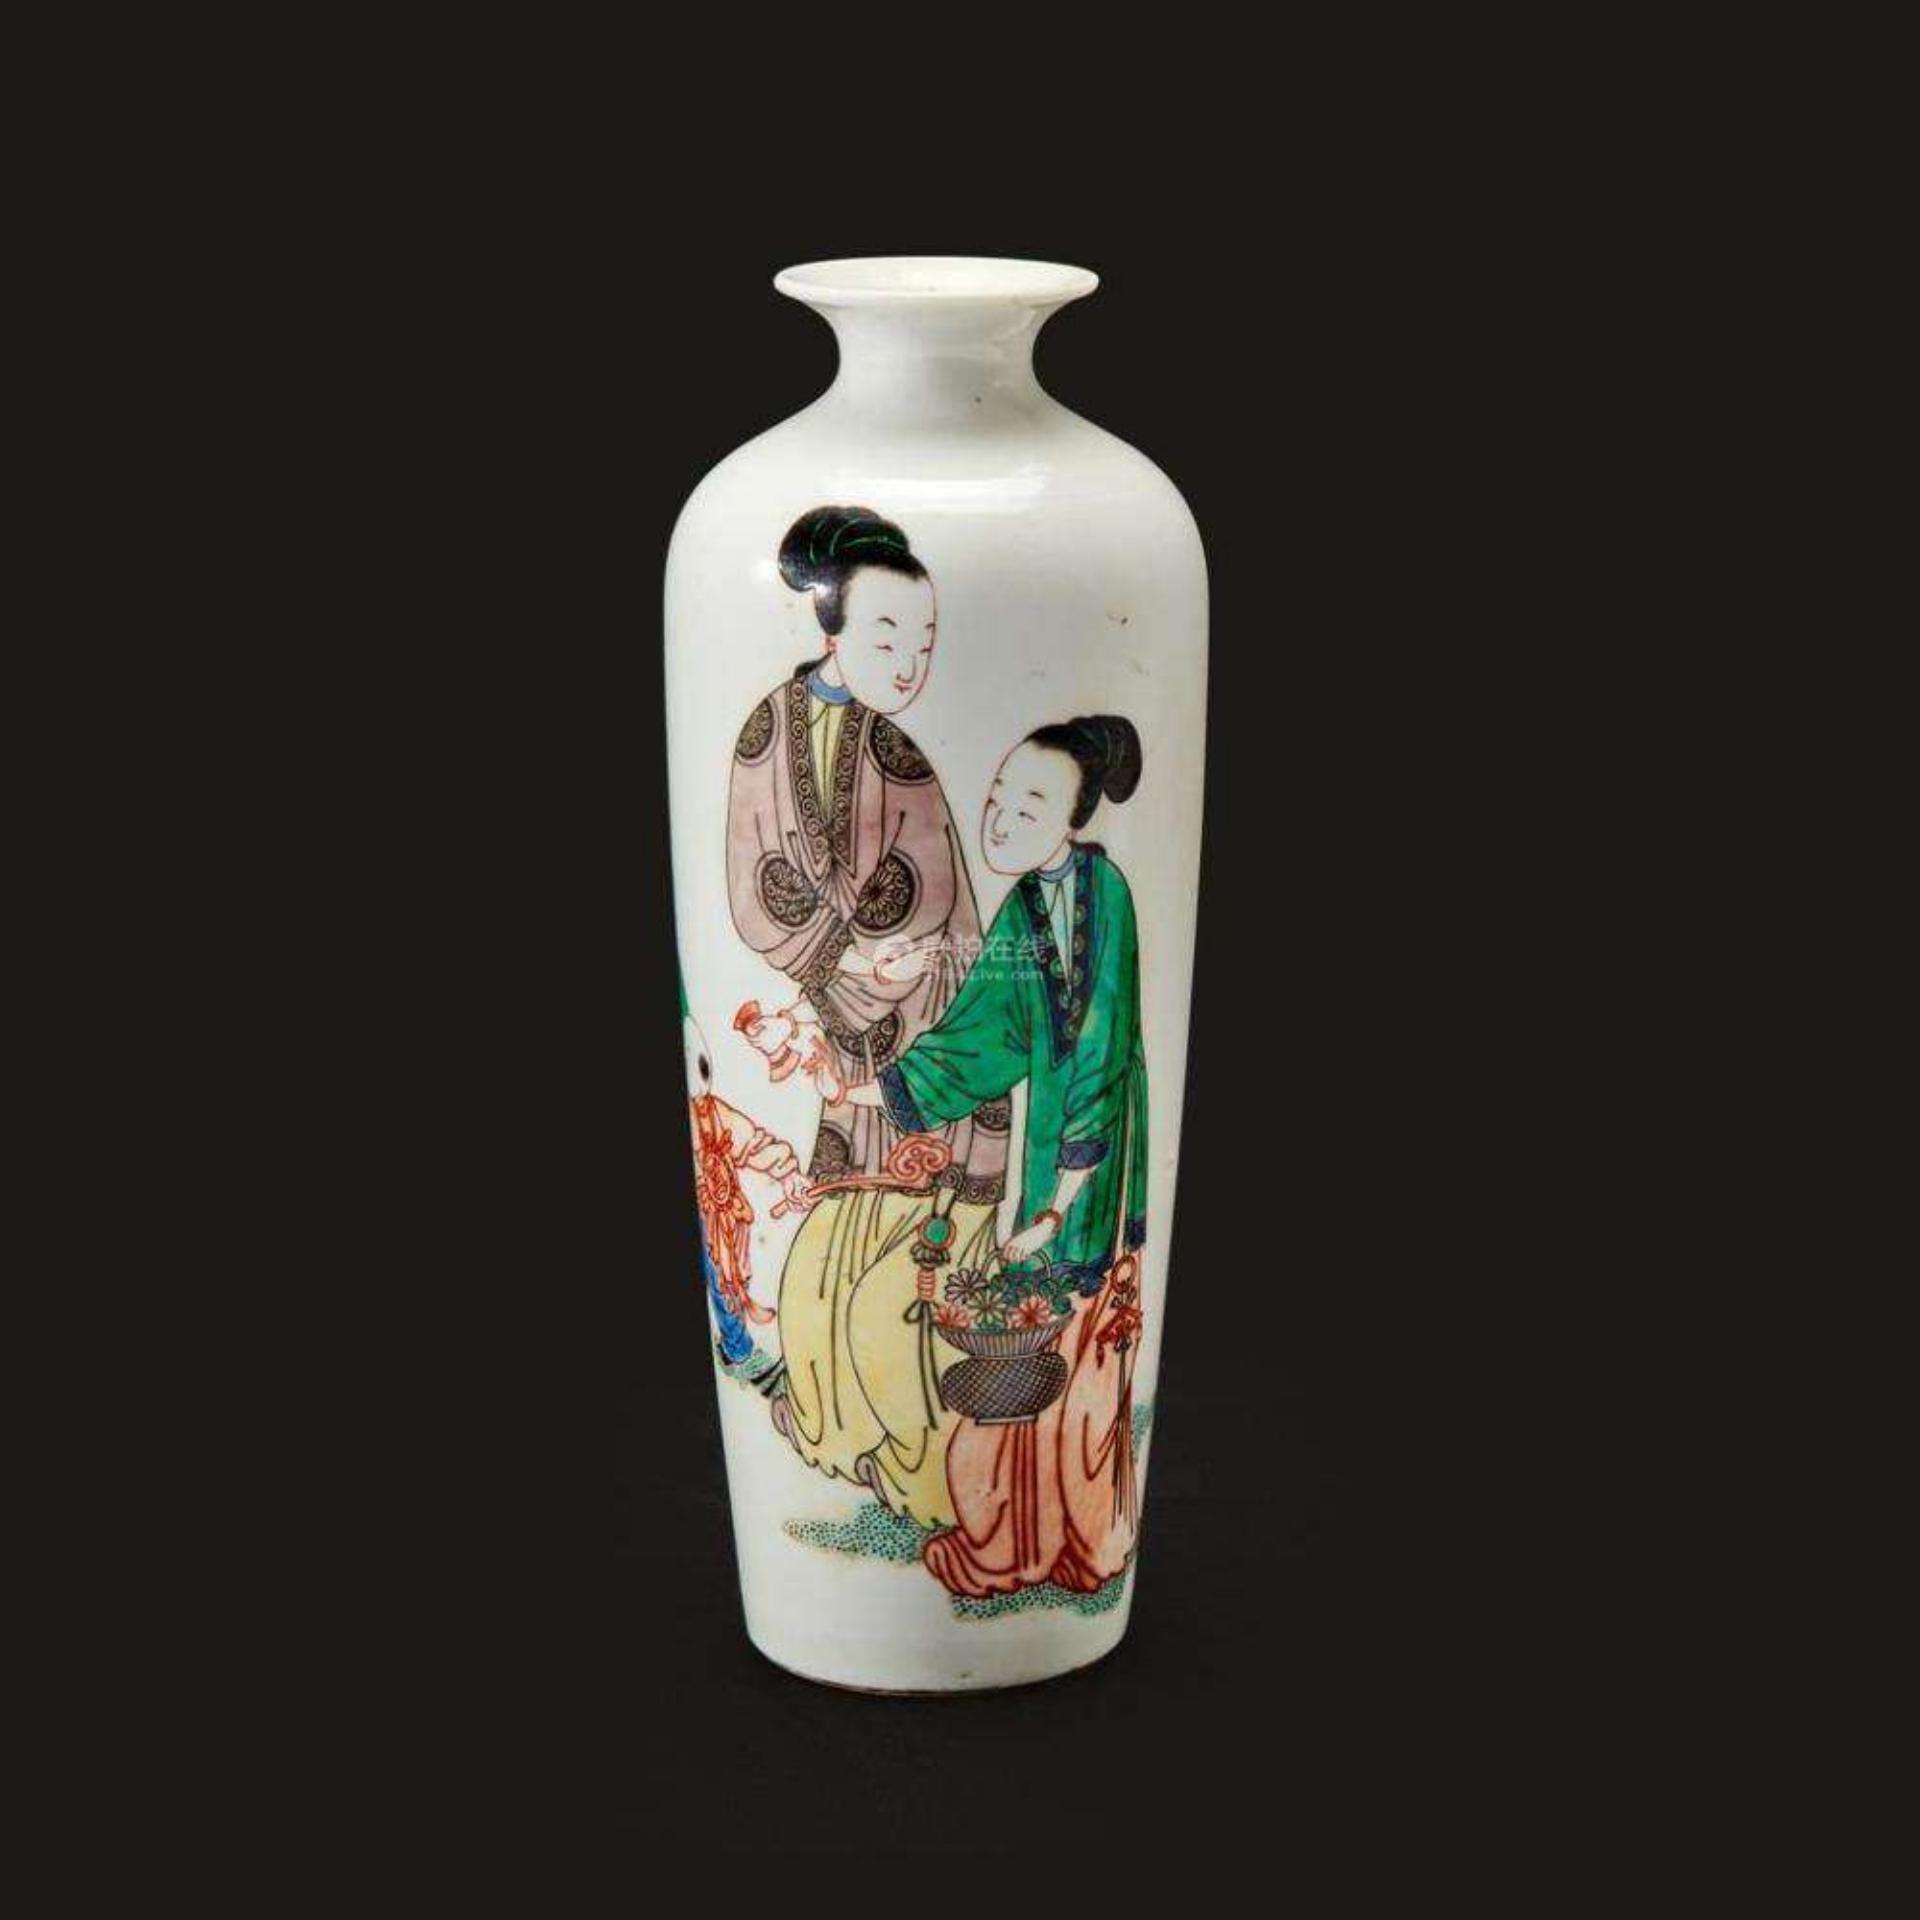 五彩人物仕女纹瓶